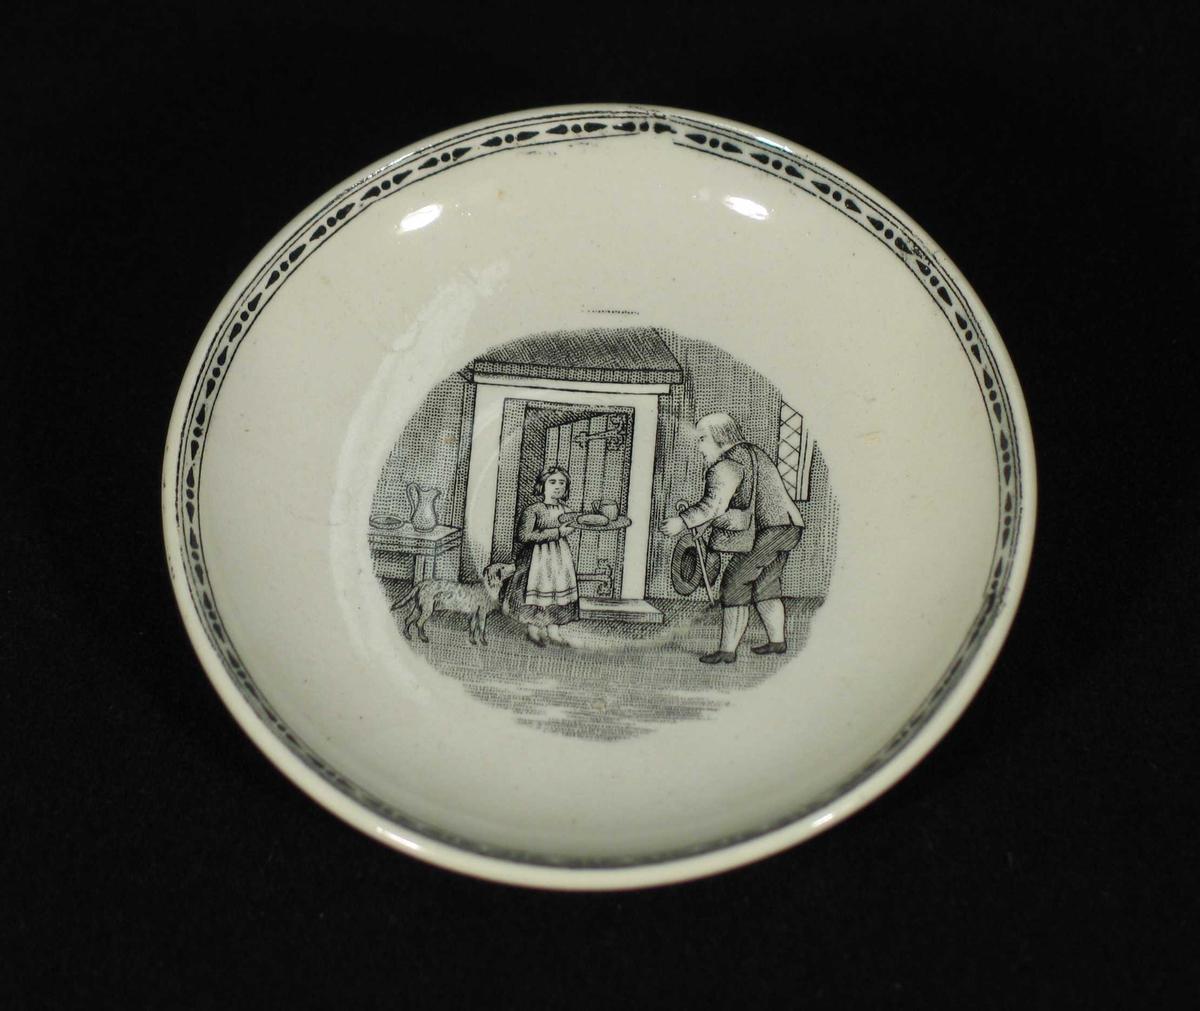 Hvit skål med svart bord ytterst og trykt motiv i midten.